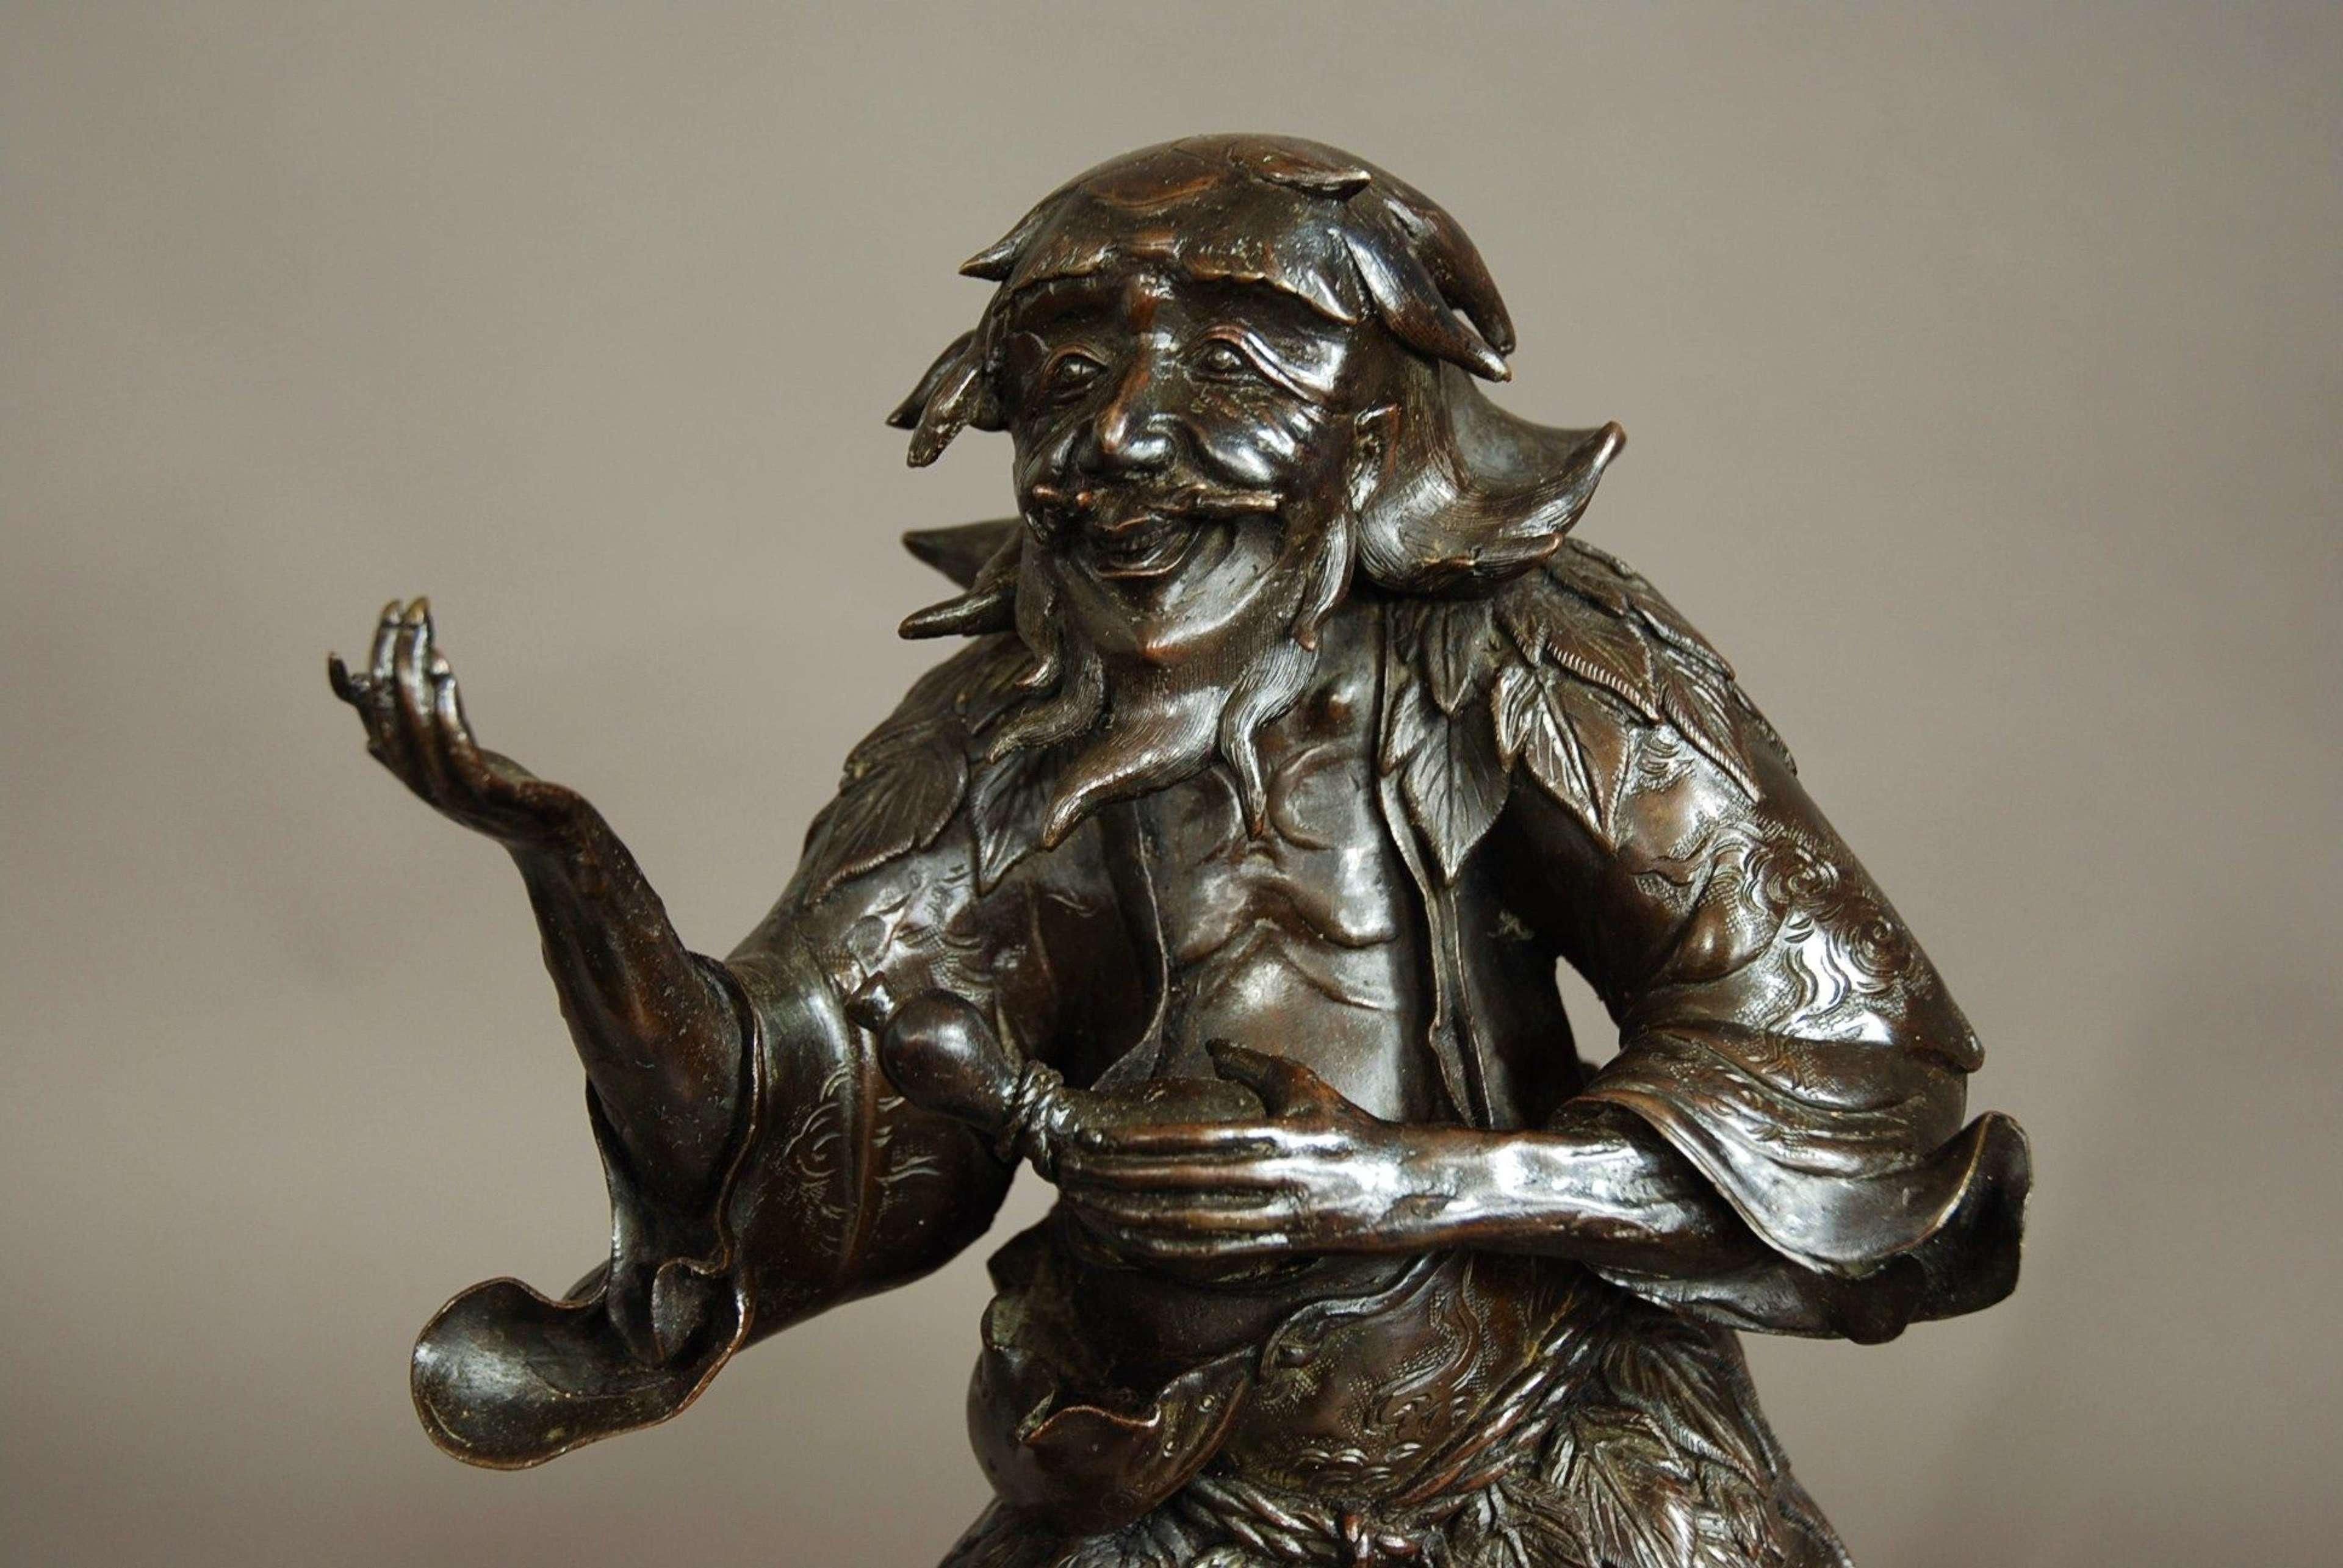 Late 19th century Chinese bronze of wild man